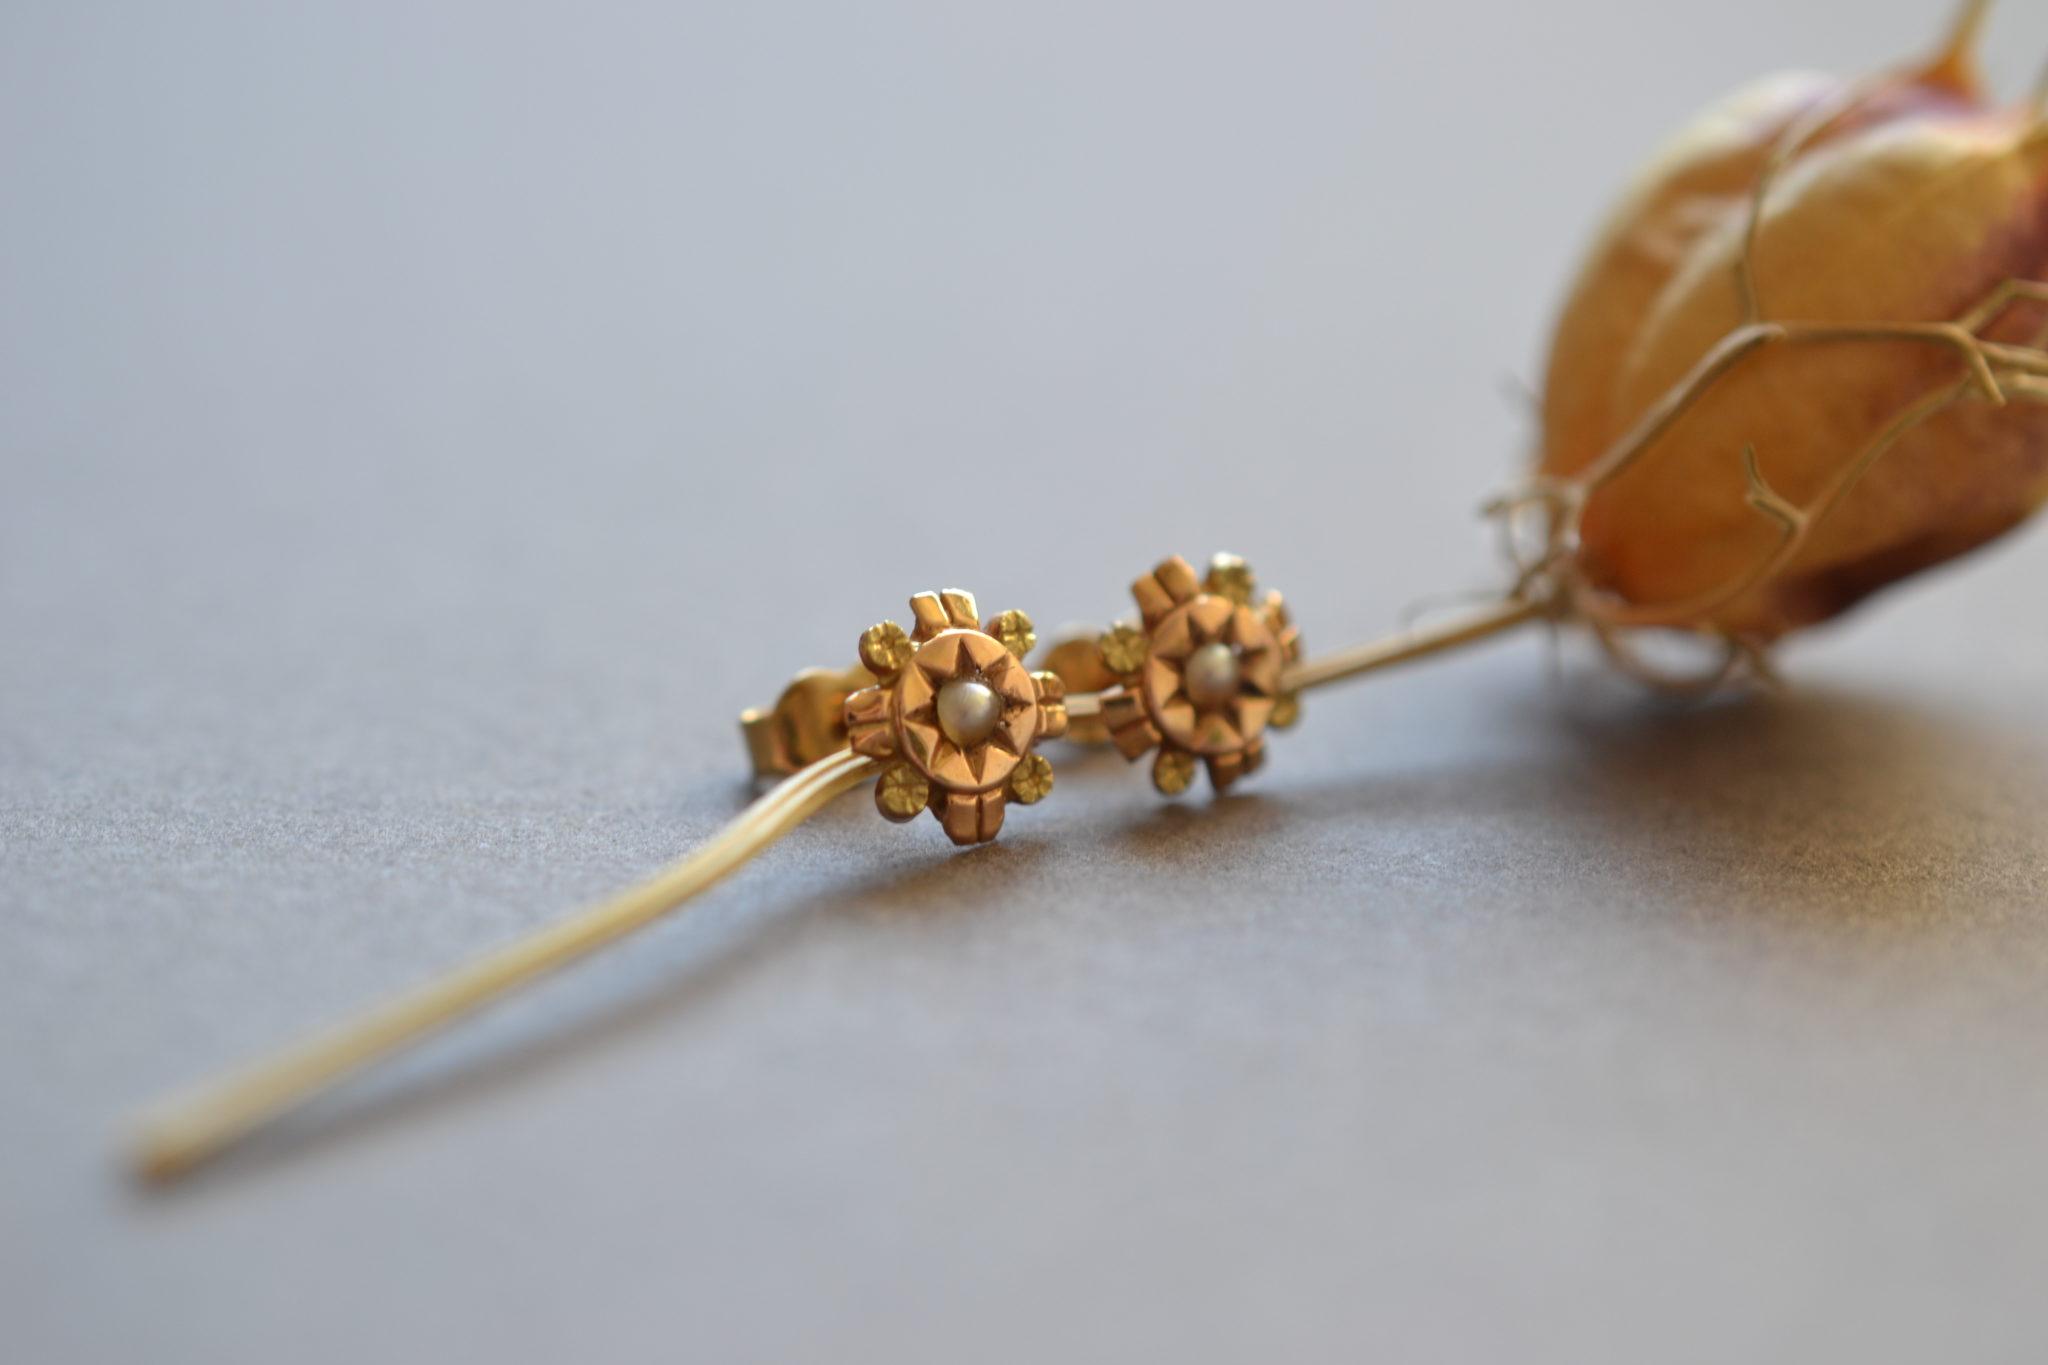 puces d'oreilles anciennes en Or avec perles - boucles d'oreilles ancienne mariage - bijoux durables